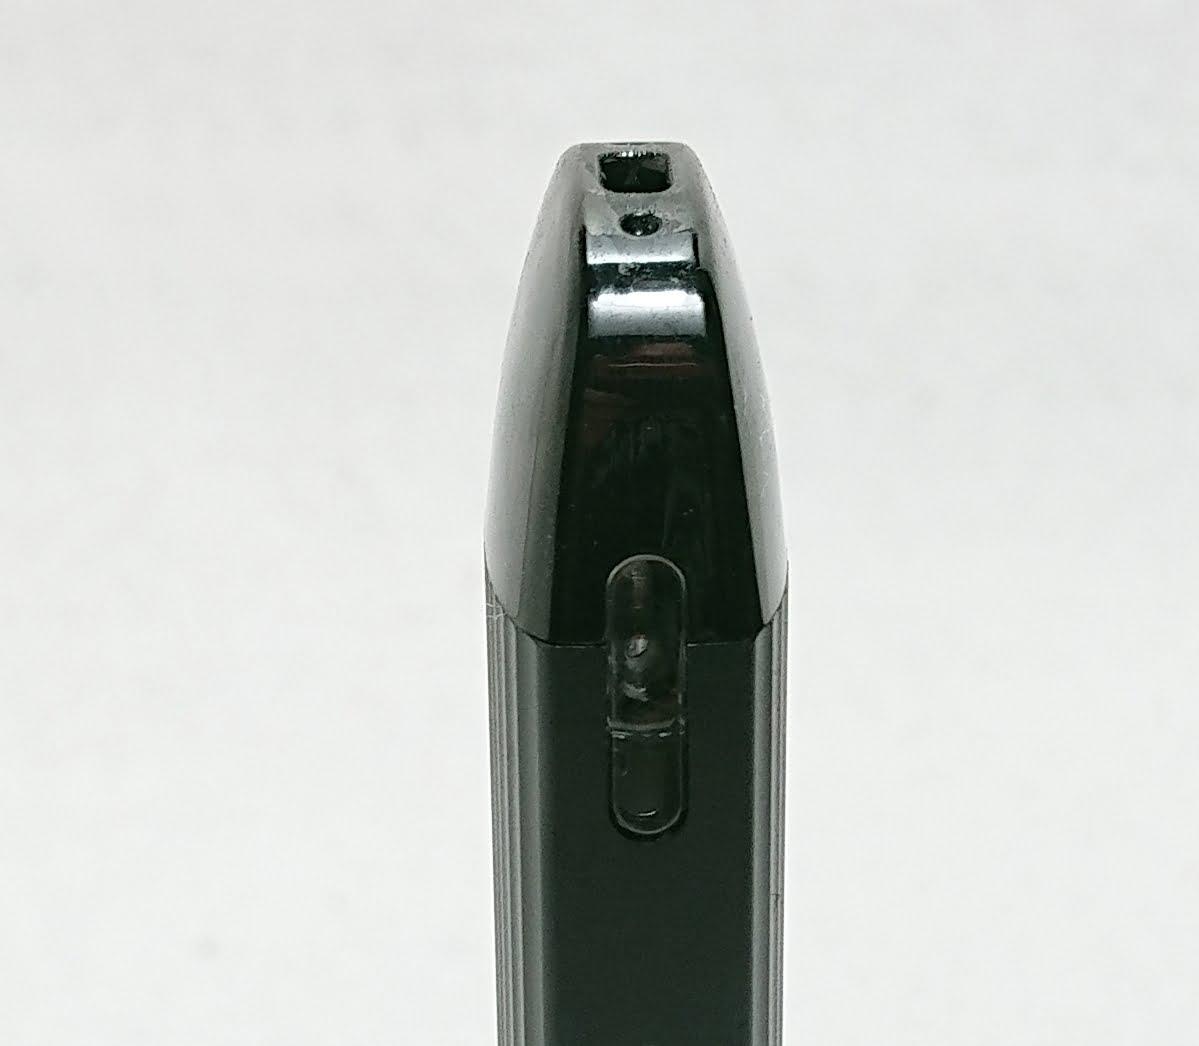 DSC 0049 3 - 【Uwell】CaliburnG(カリバーンG)をレビュー!~原点にして頂点のスティック型PODの後続機が登場!~